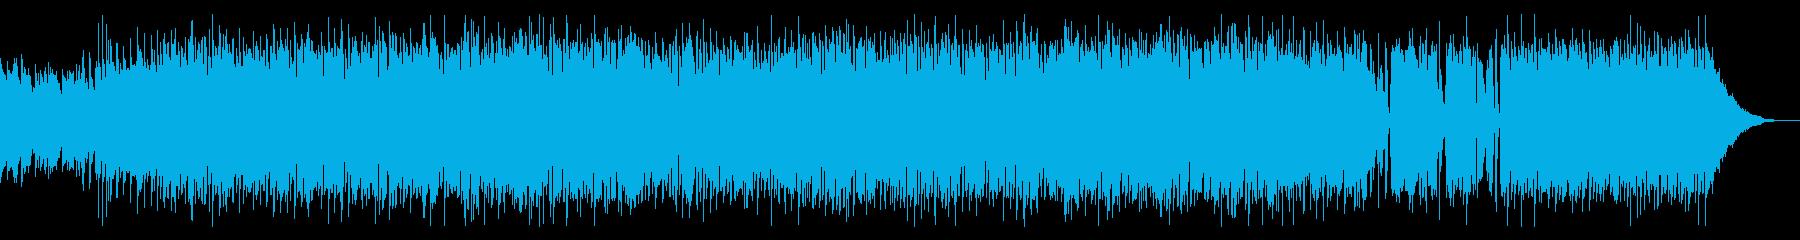 気持ちを高めるロックの再生済みの波形